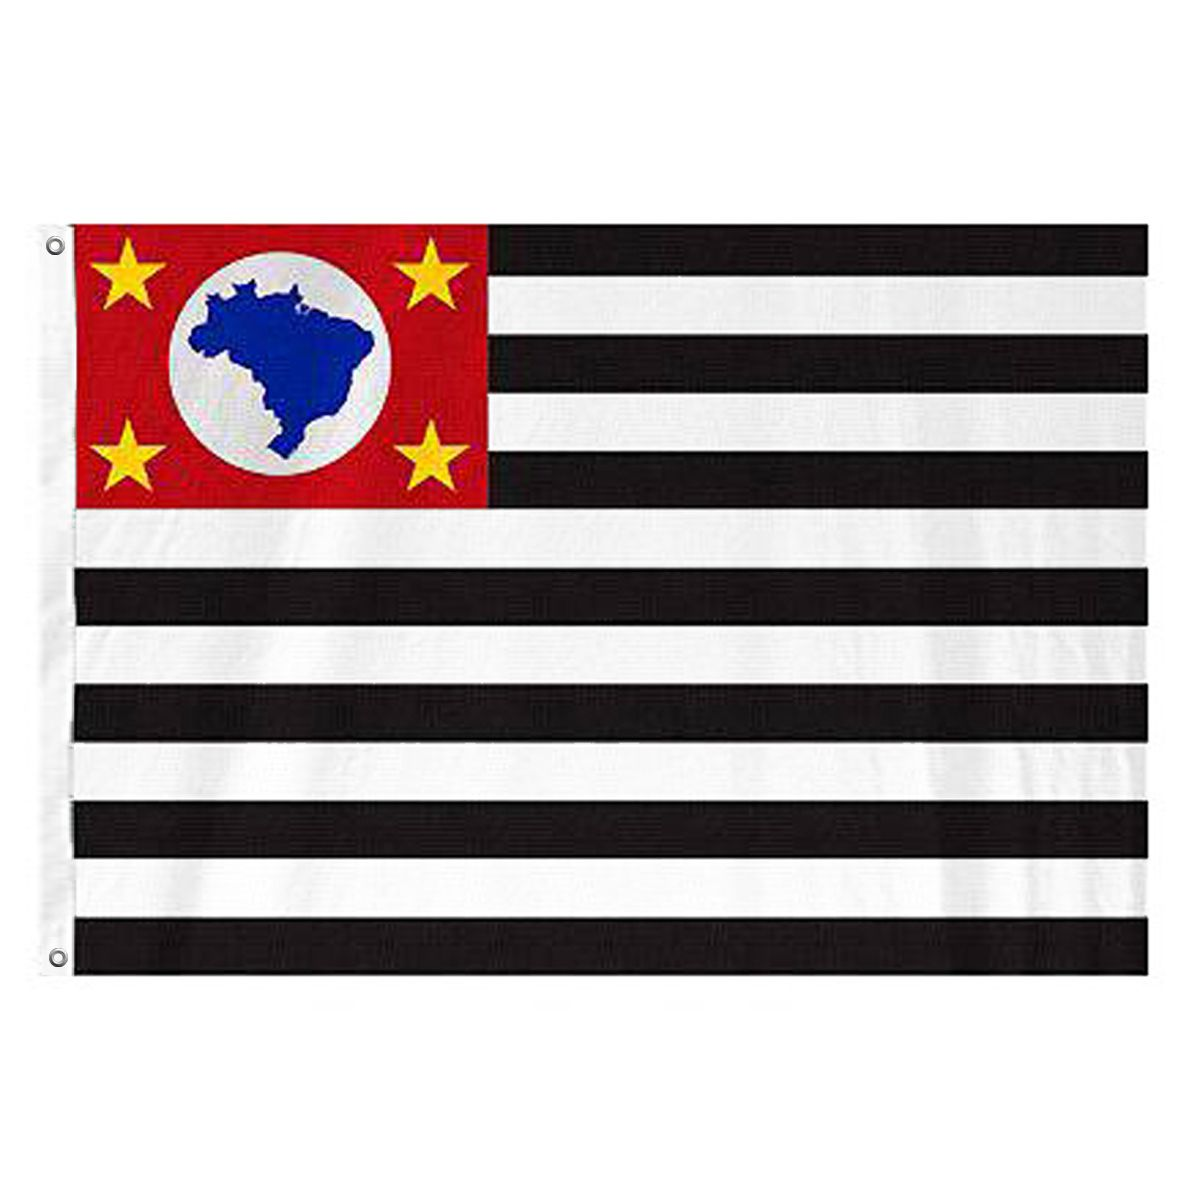 Bandeira Oficial  do Estado de São Paulo 192 x 135 cm - 3 panos